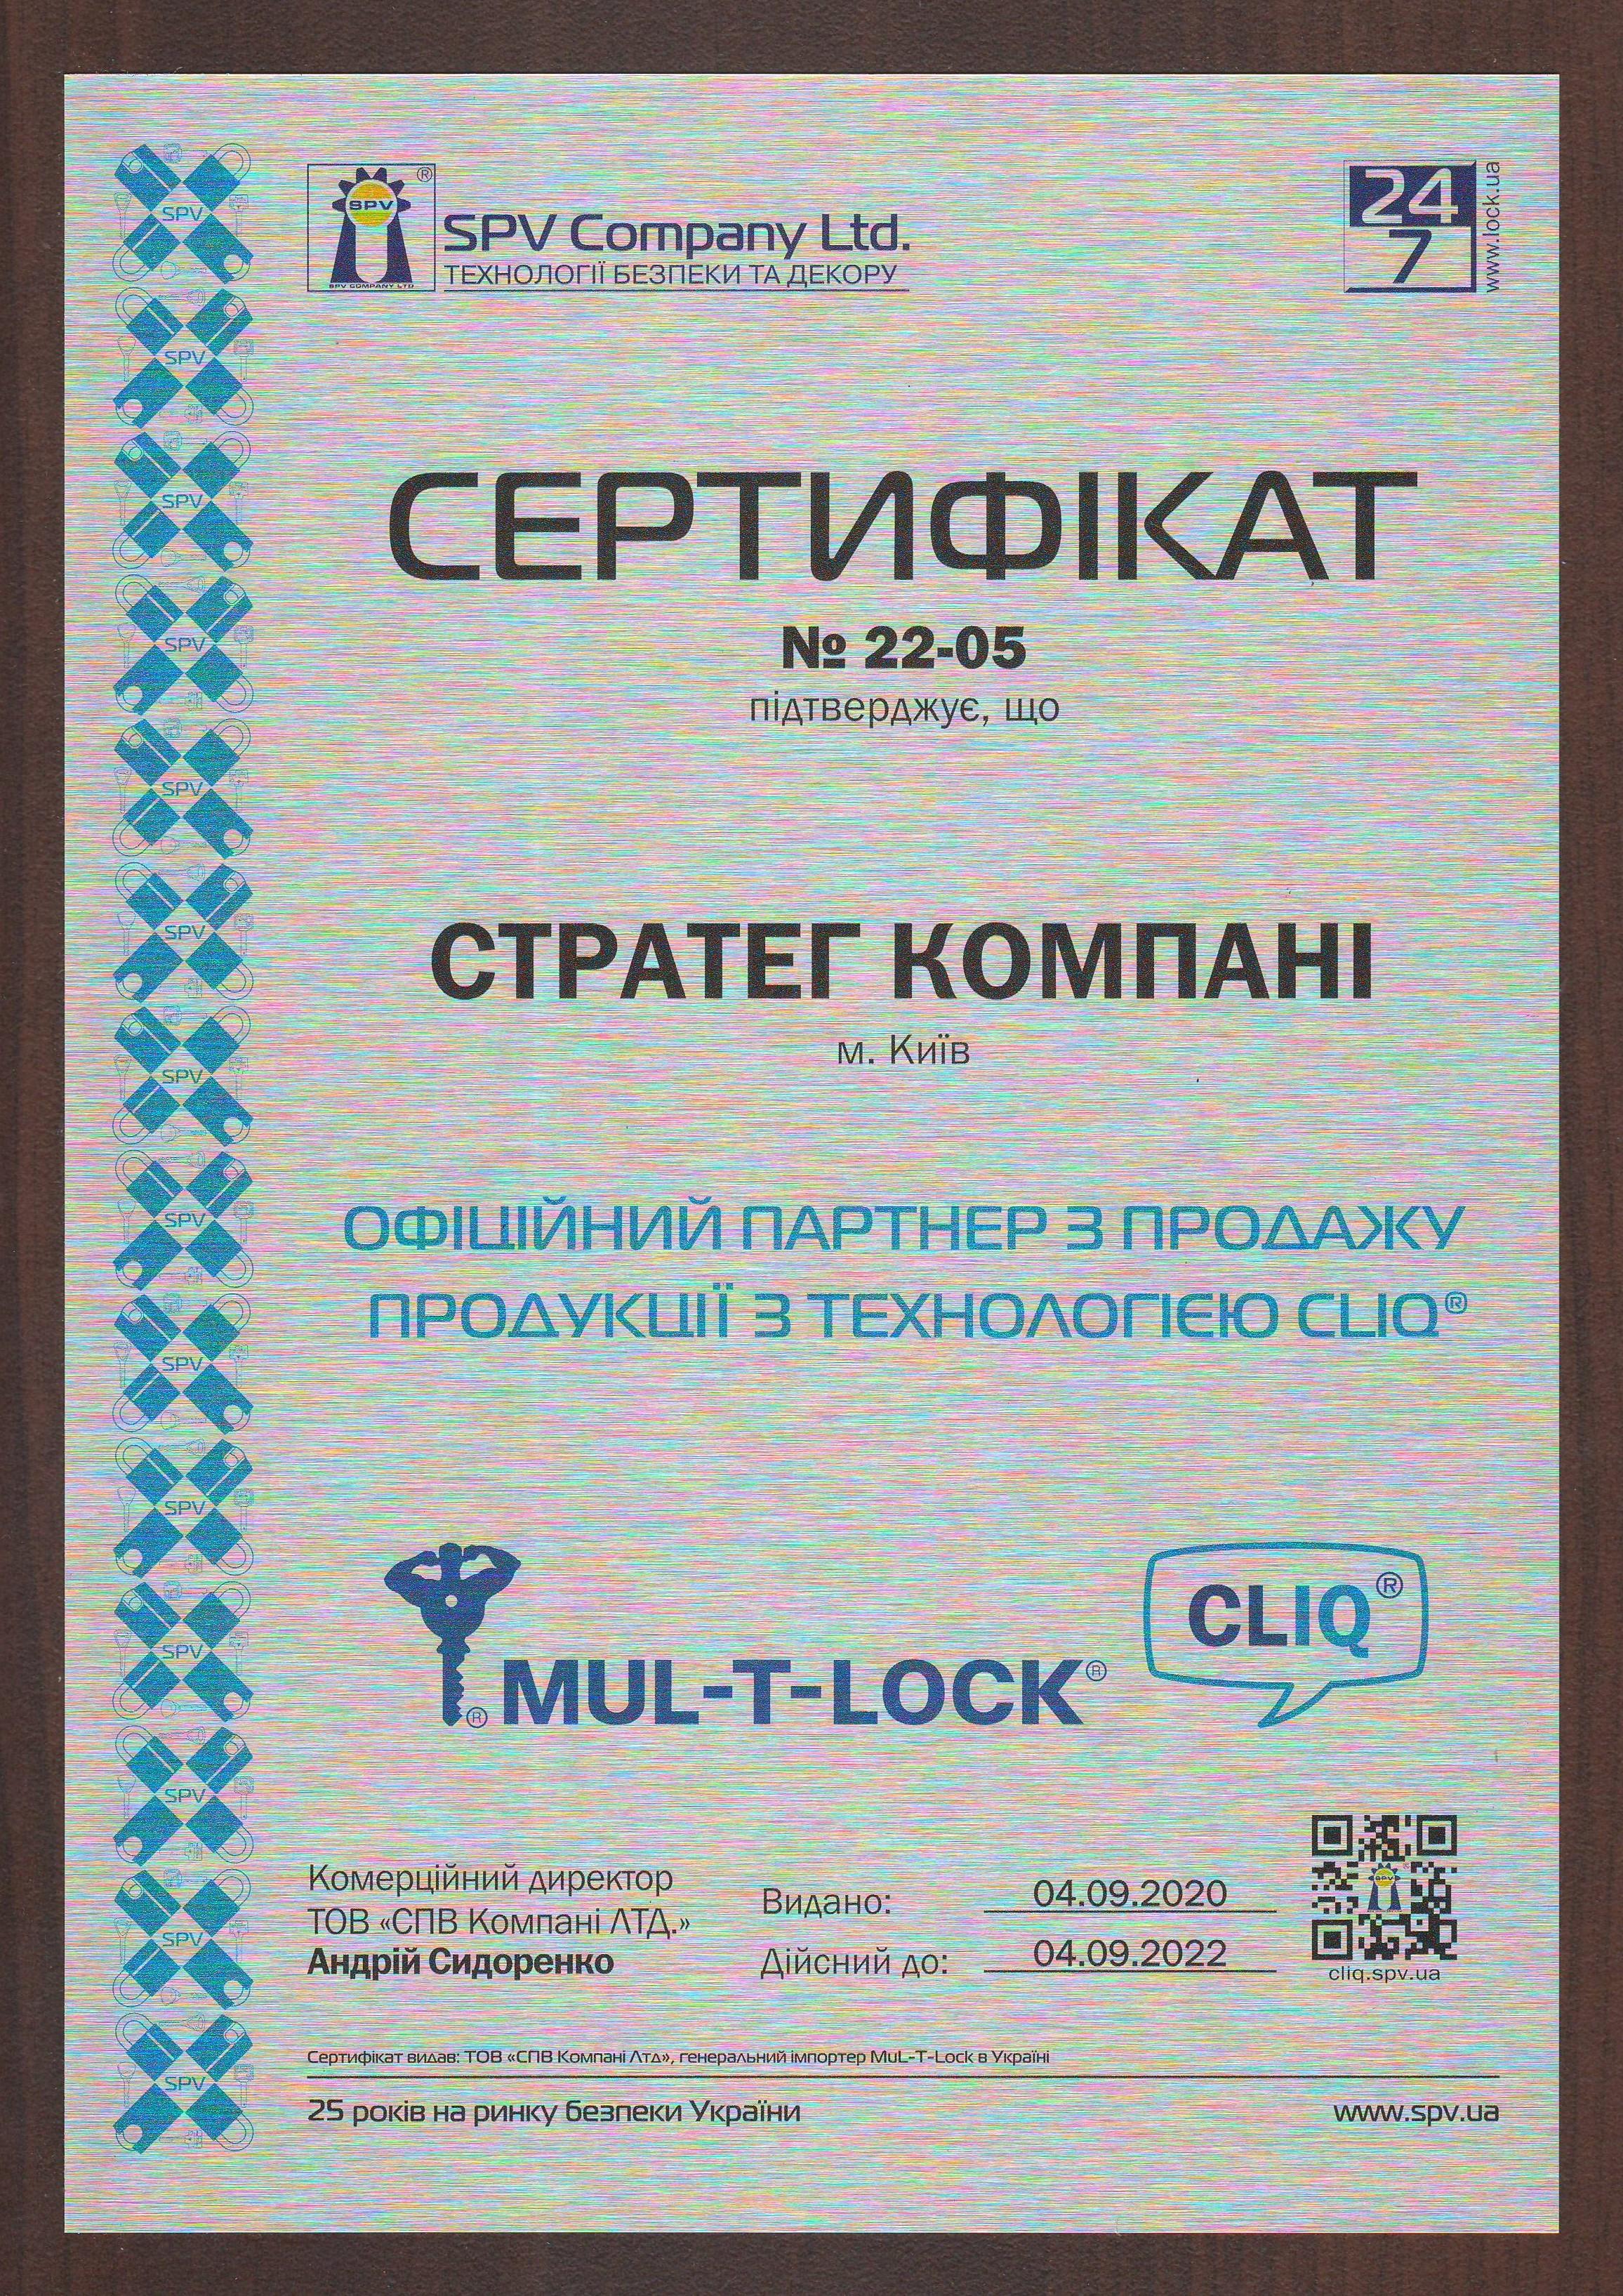 Cертификат MUL-T-LOCK CLIQ партнер